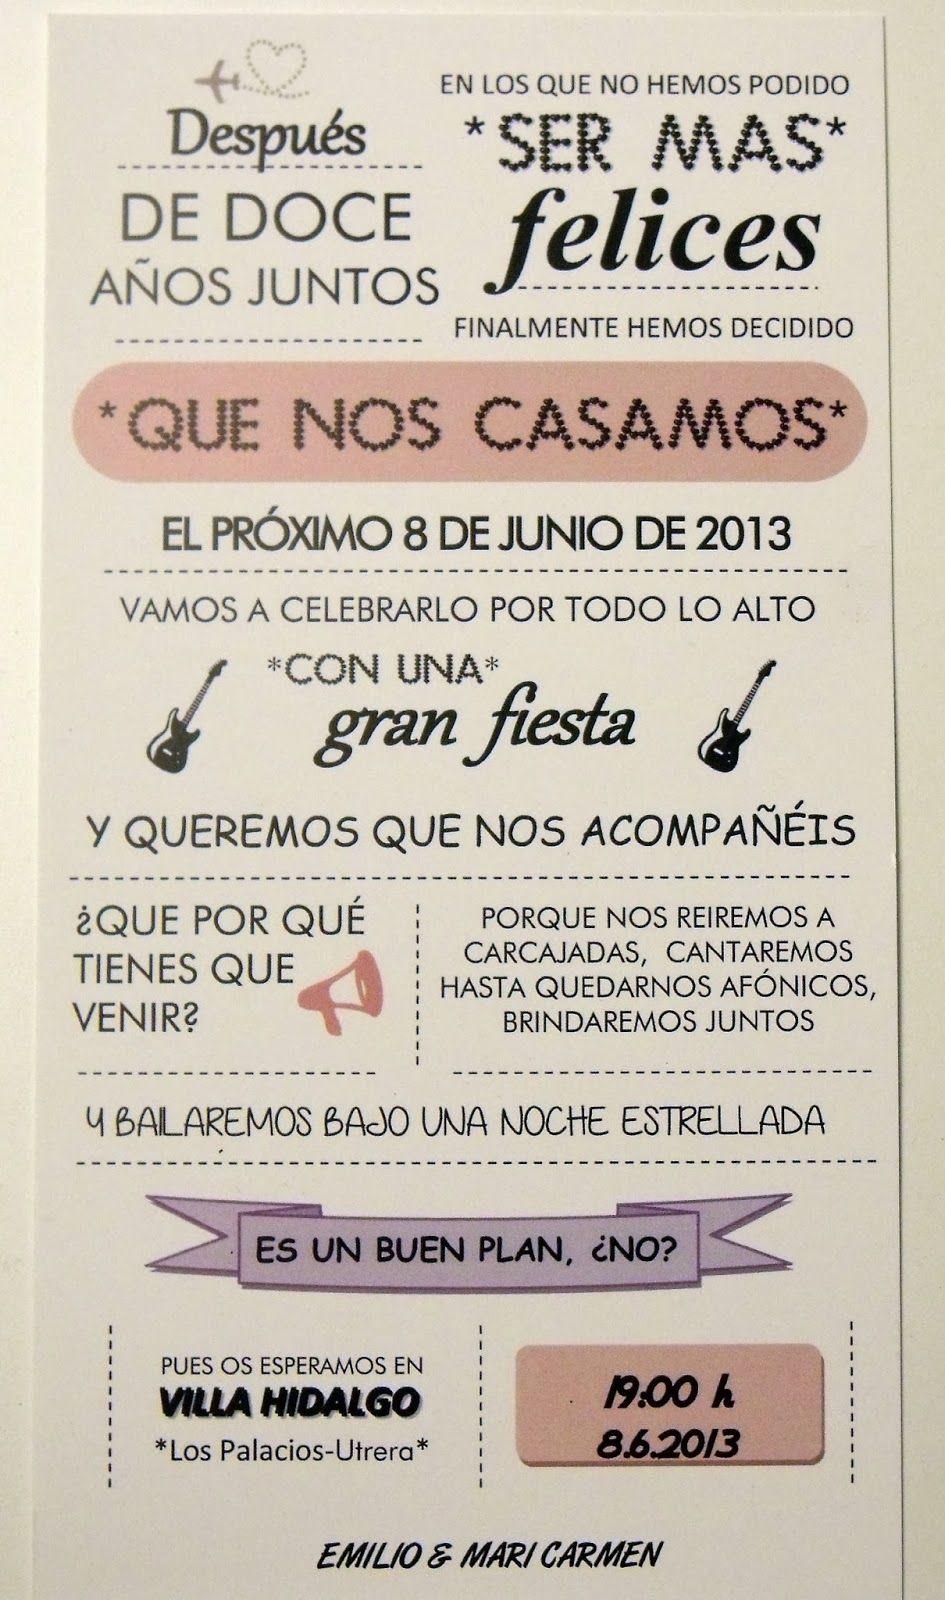 Originales invitaciones de boda Proyecto Cenicienta La Boda de